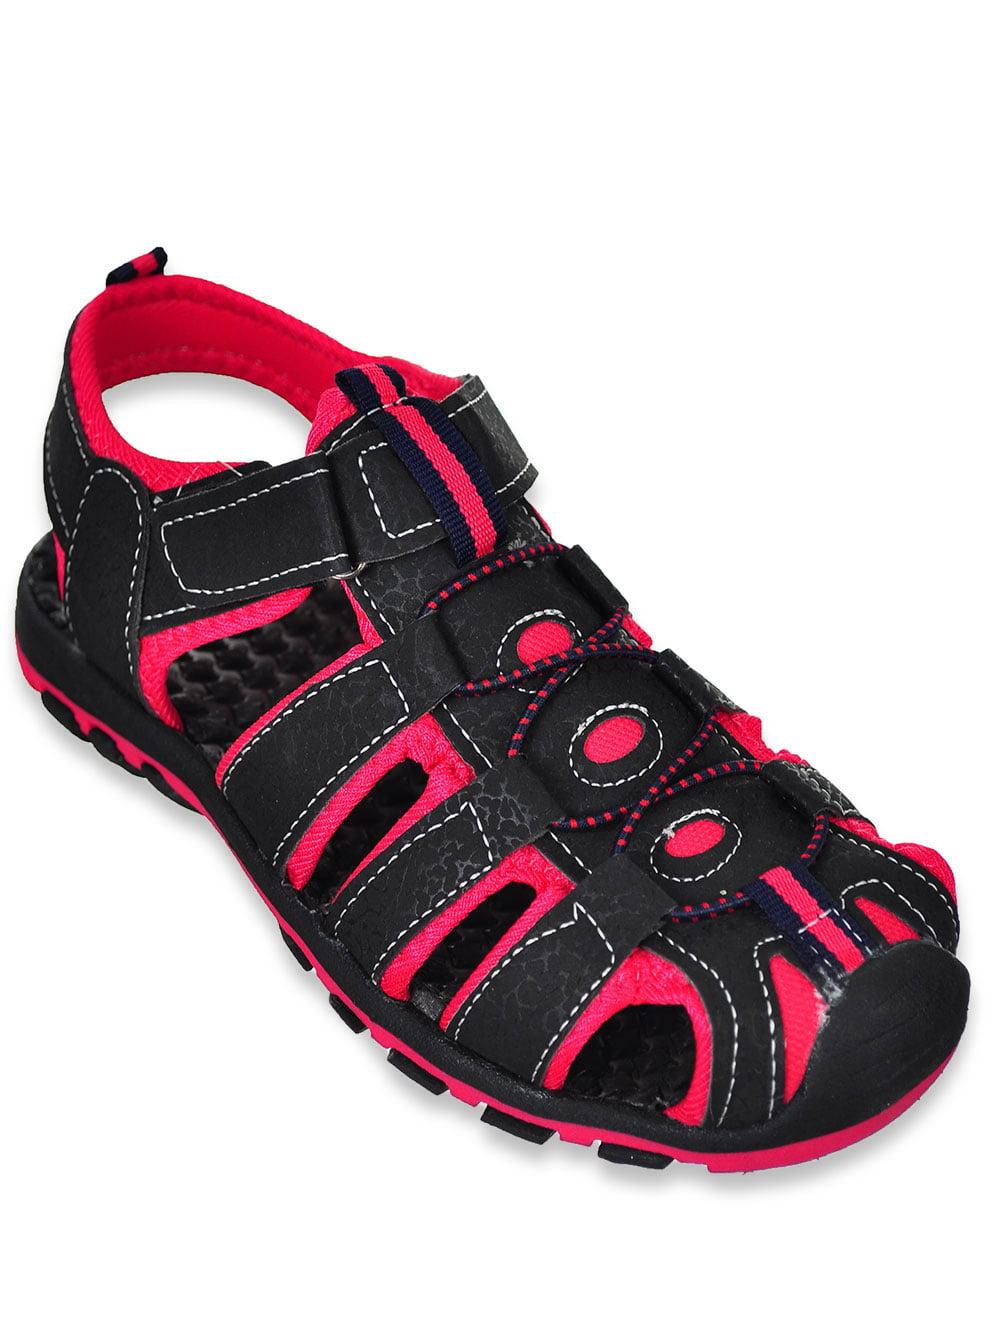 Rugged Bear Boys Sport Sandals Black//Fuchsia 13 Youth